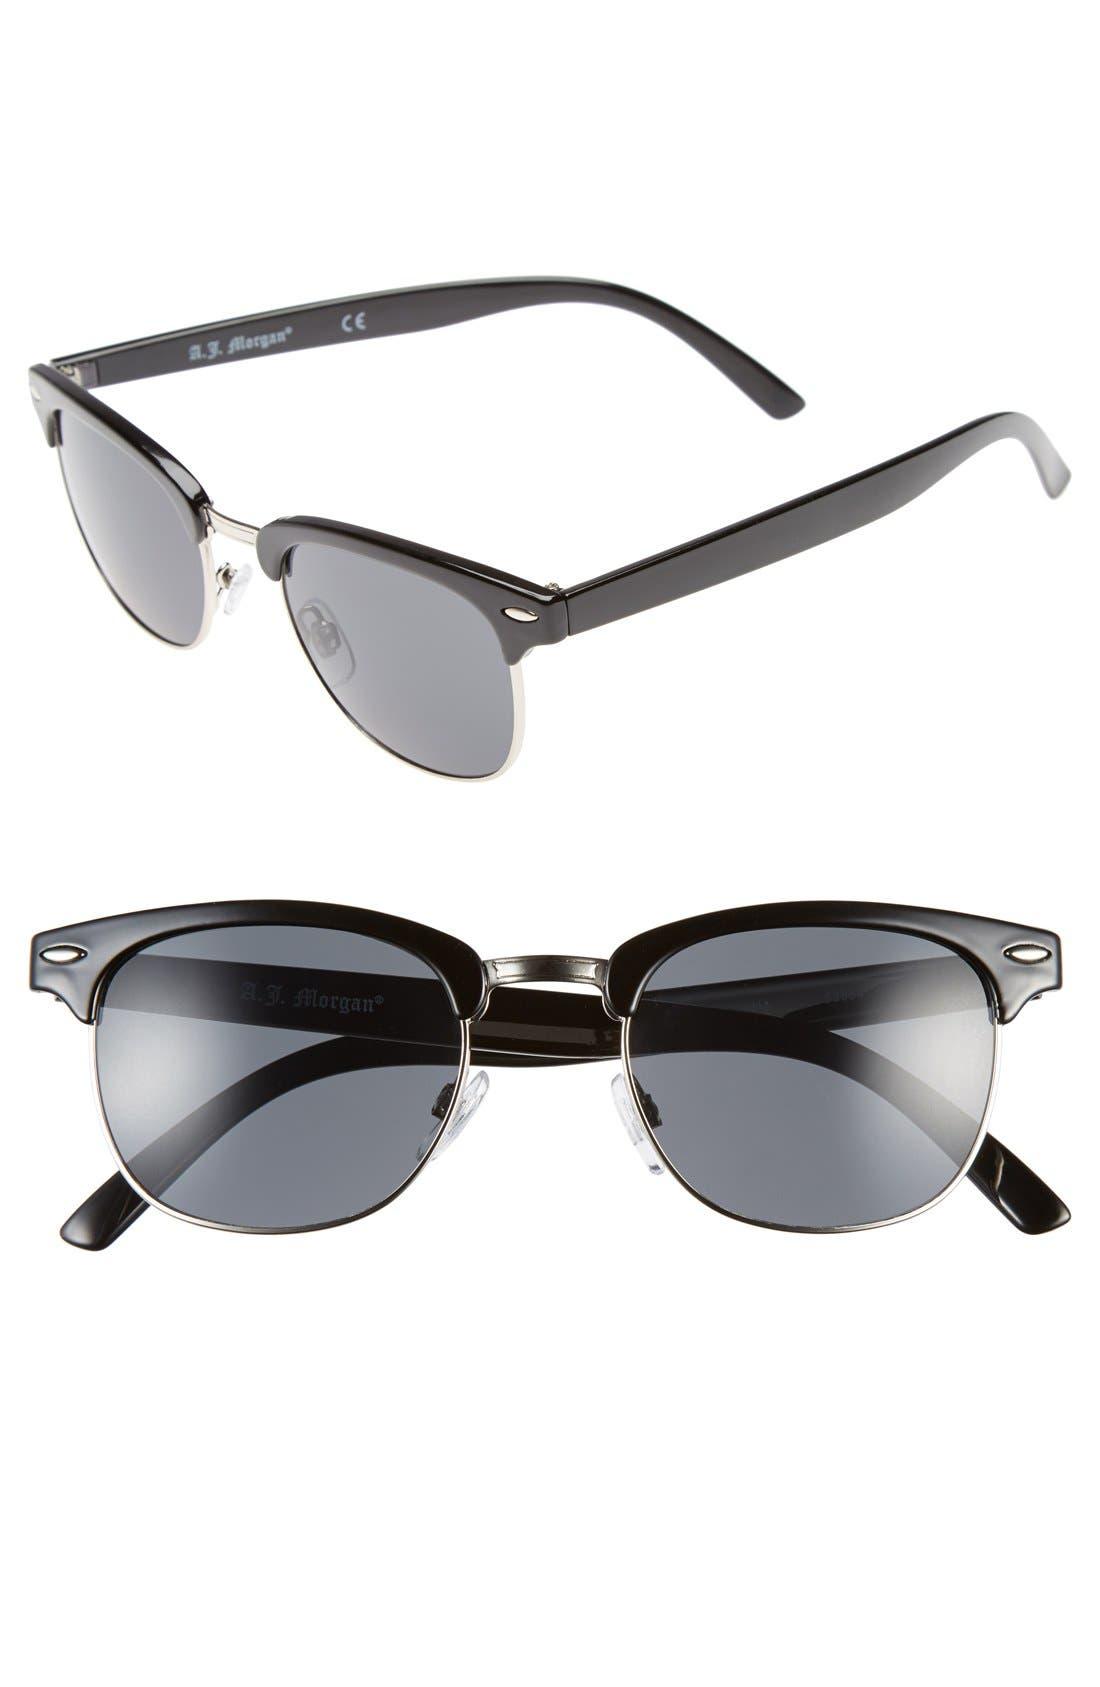 A.J. Morgan 52mm 'Soho' Sunglasses